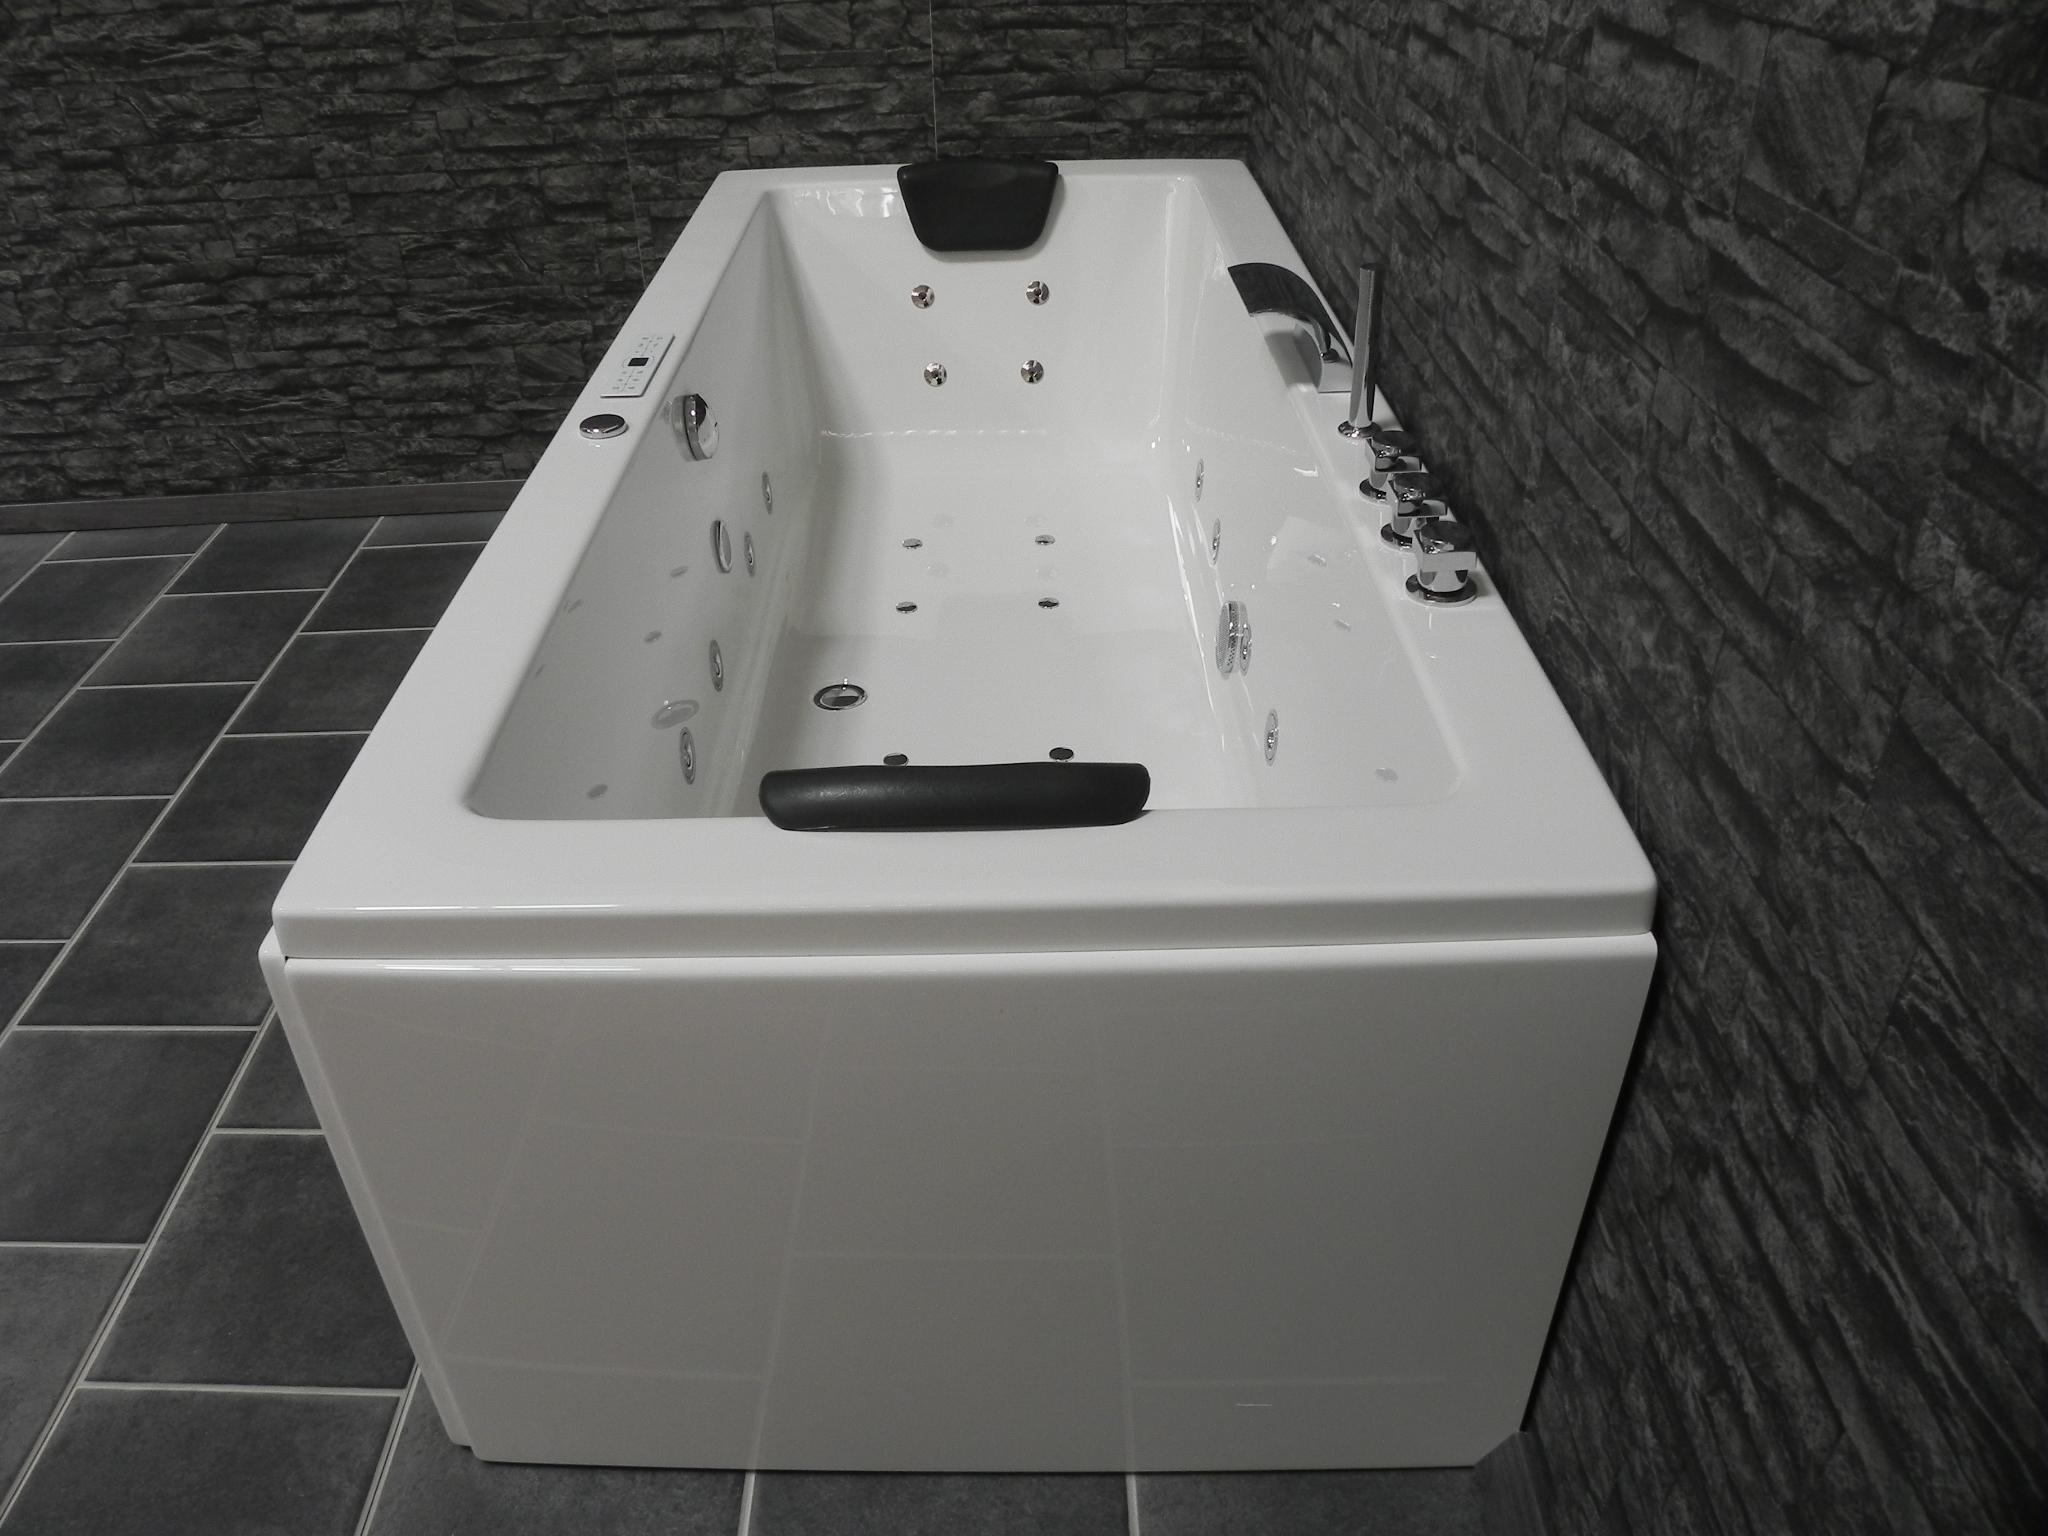 Badewanne Farbe ändern Sophia premium luxus whirlpool rechteck badewanne ozon 190x90